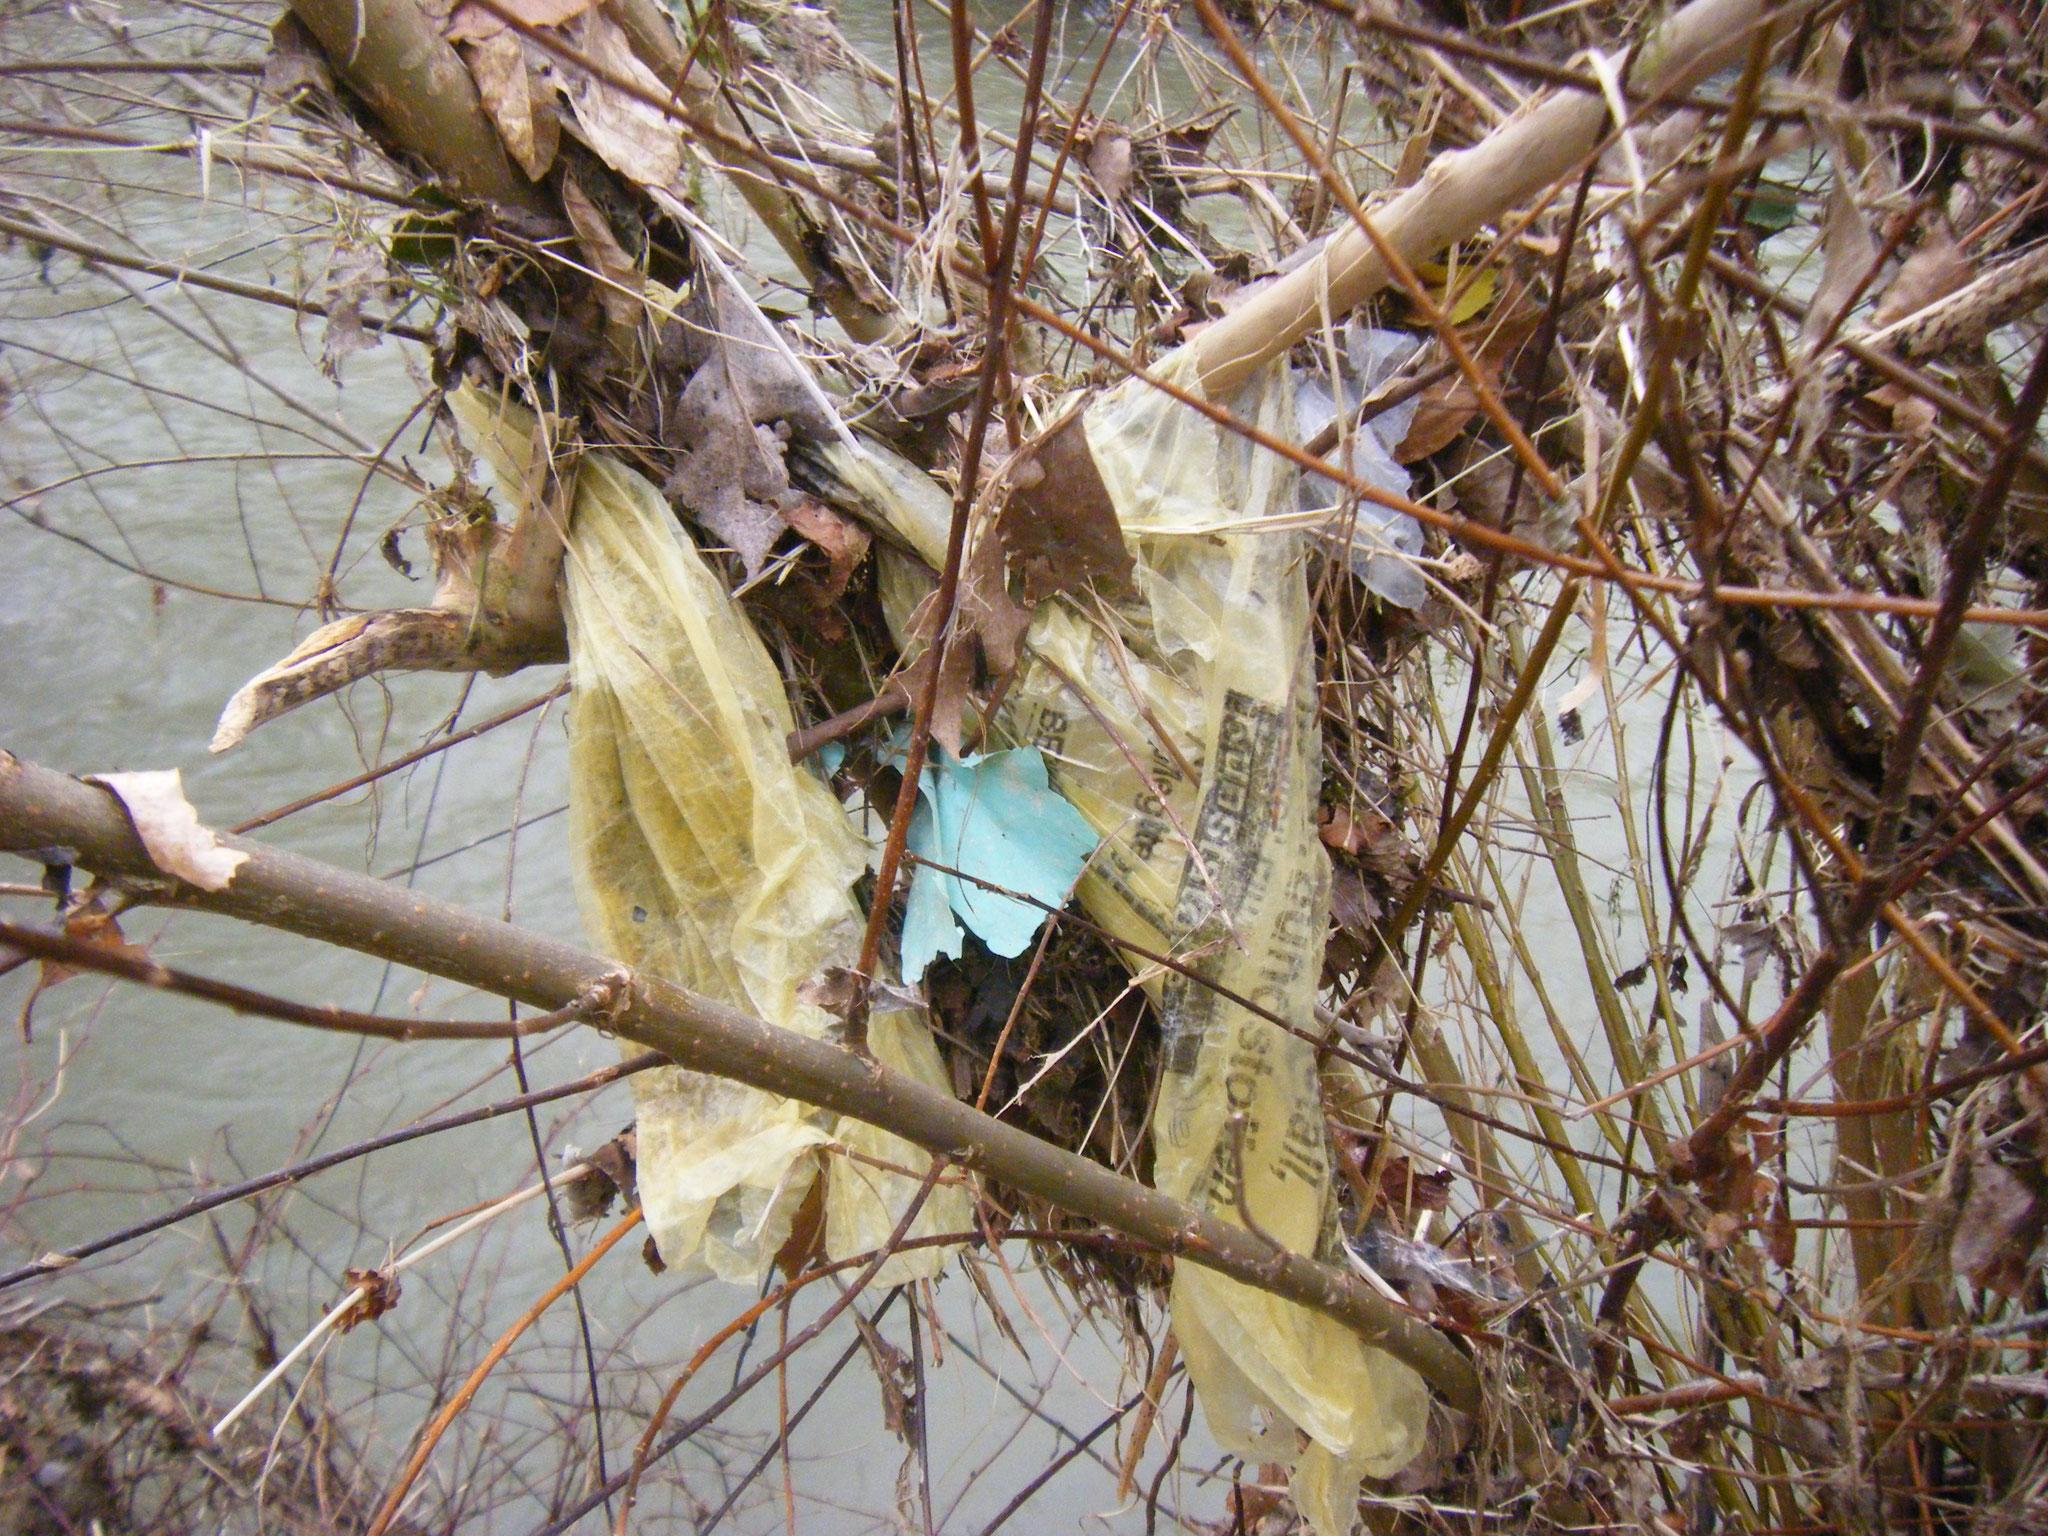 In diesem Gebüsch hängen sogar gleich 2 gelbe Säcke, ihr Inhalt ist jetzt wohl im Bodensee